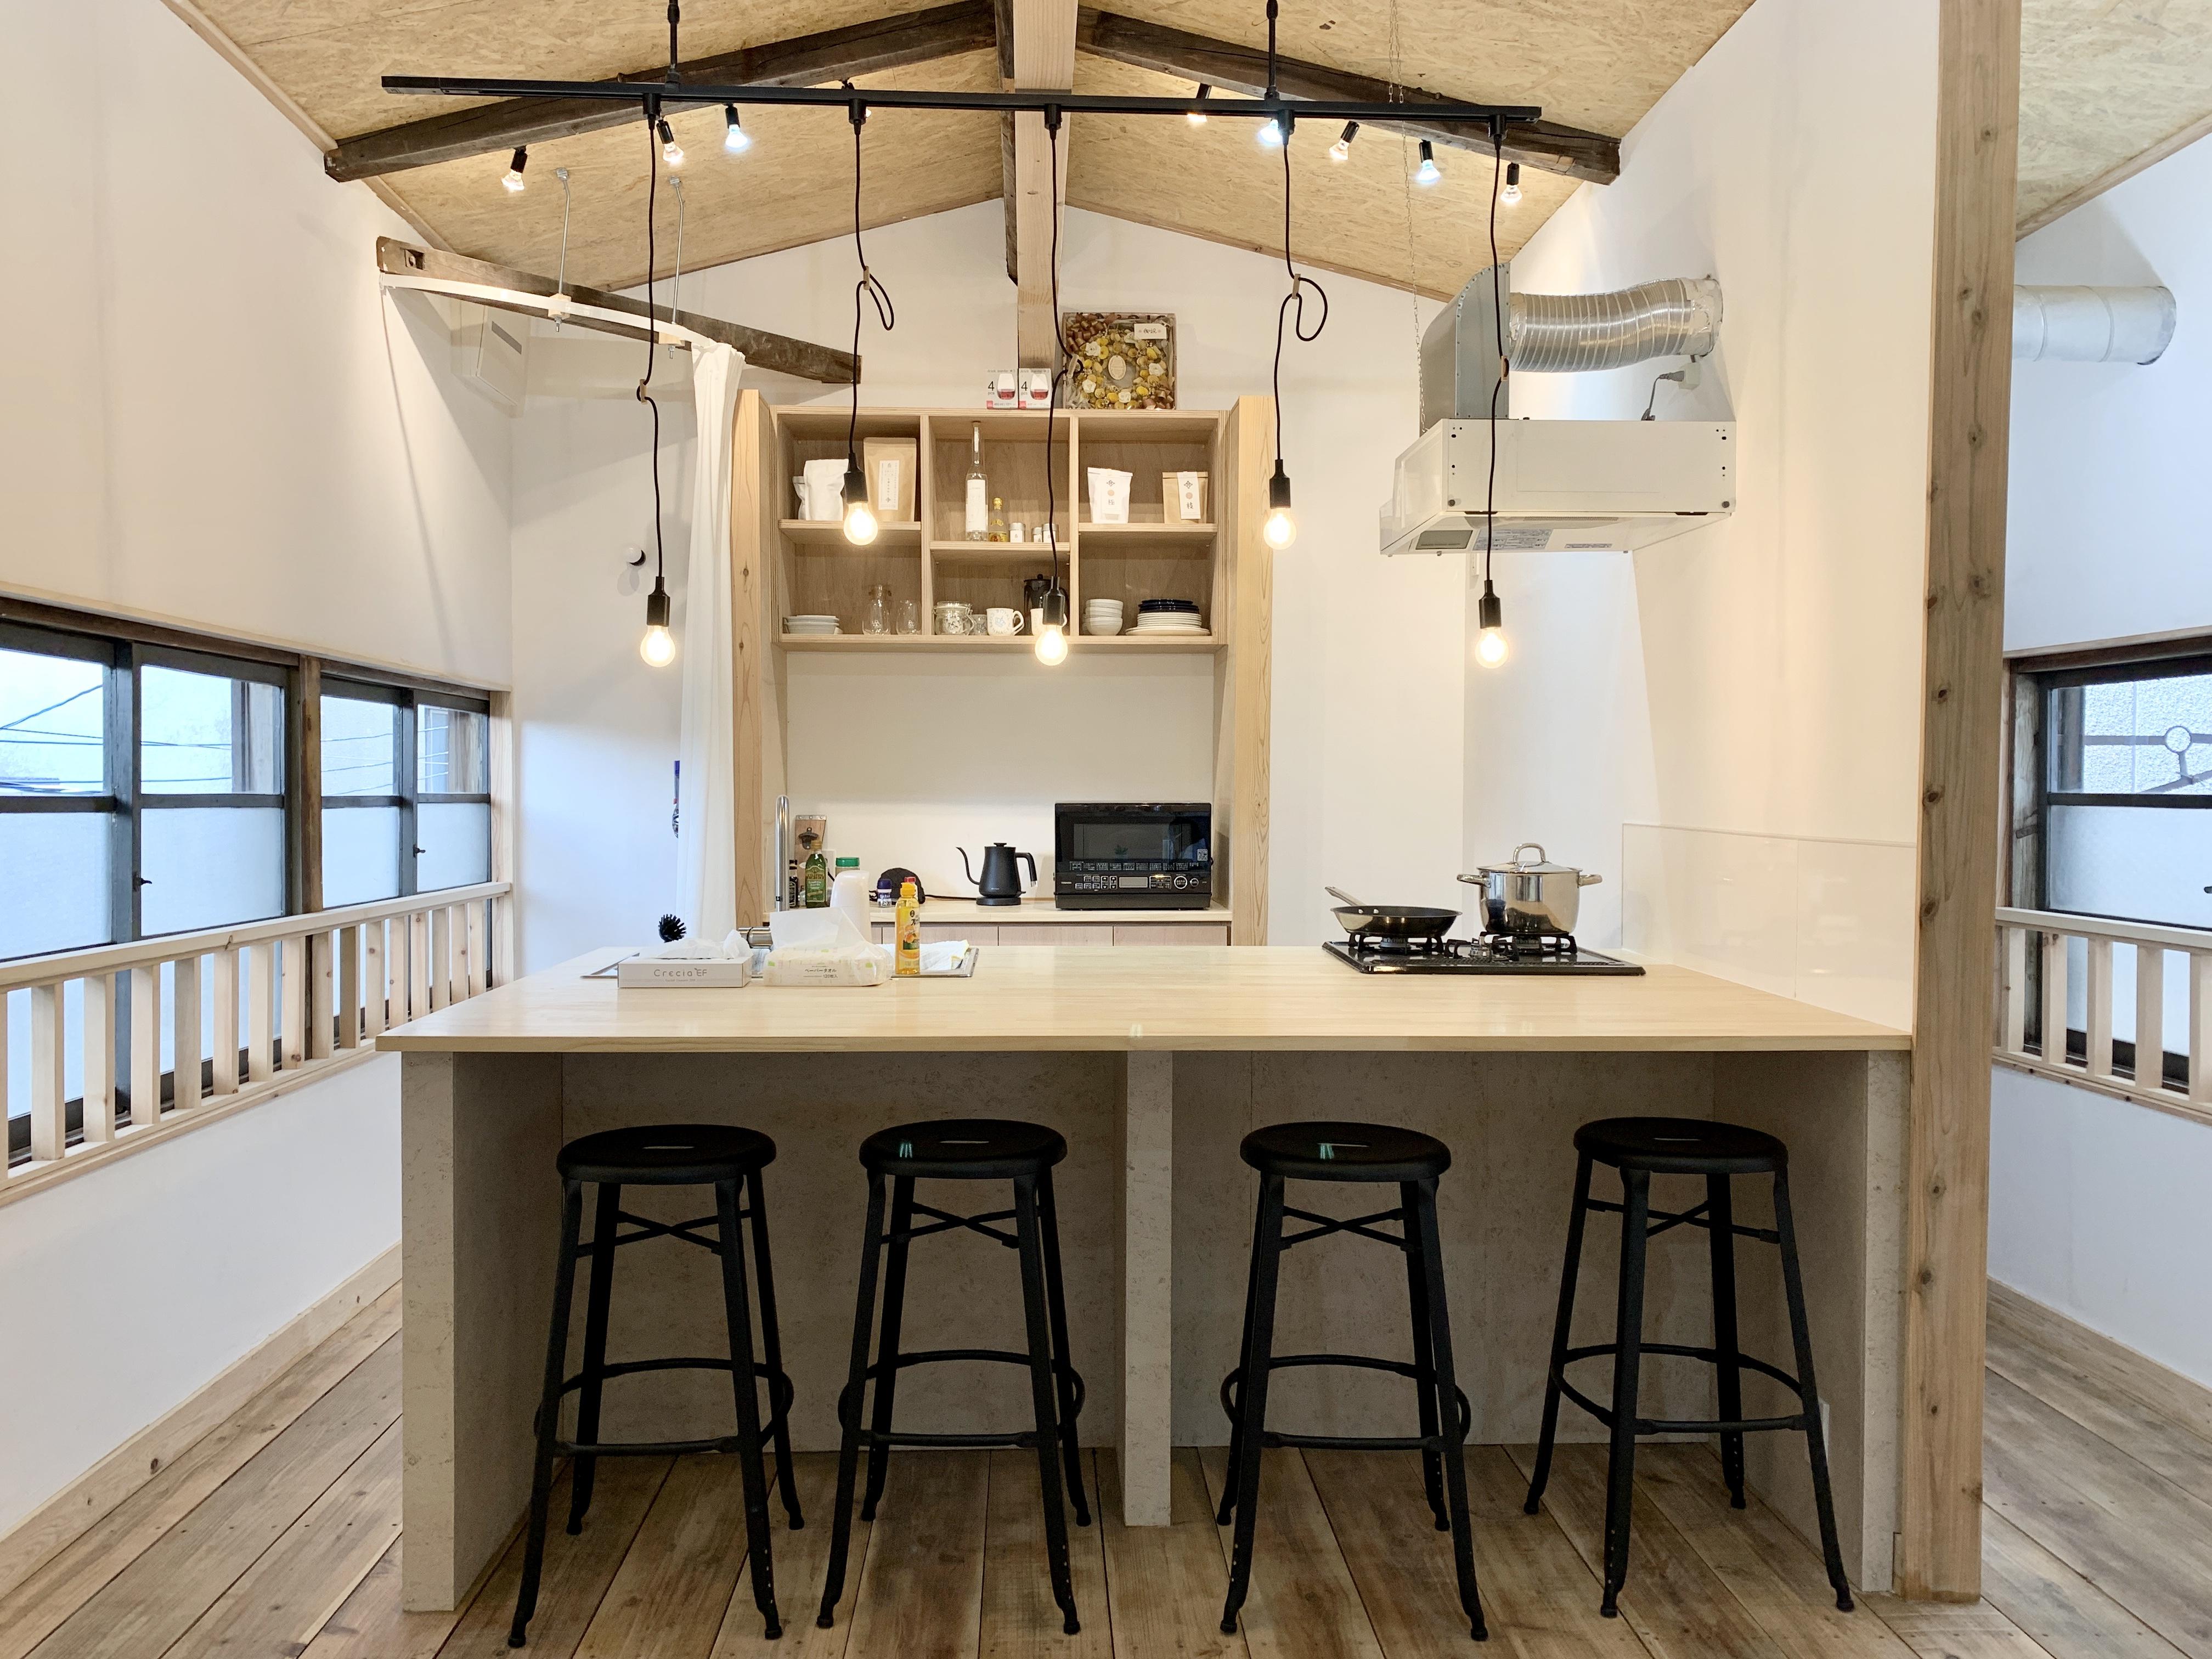 キッチンは4名が座れるカウンターキッチンになっています。 - キッチン&会議室 上町サンク 2階スペースの室内の写真